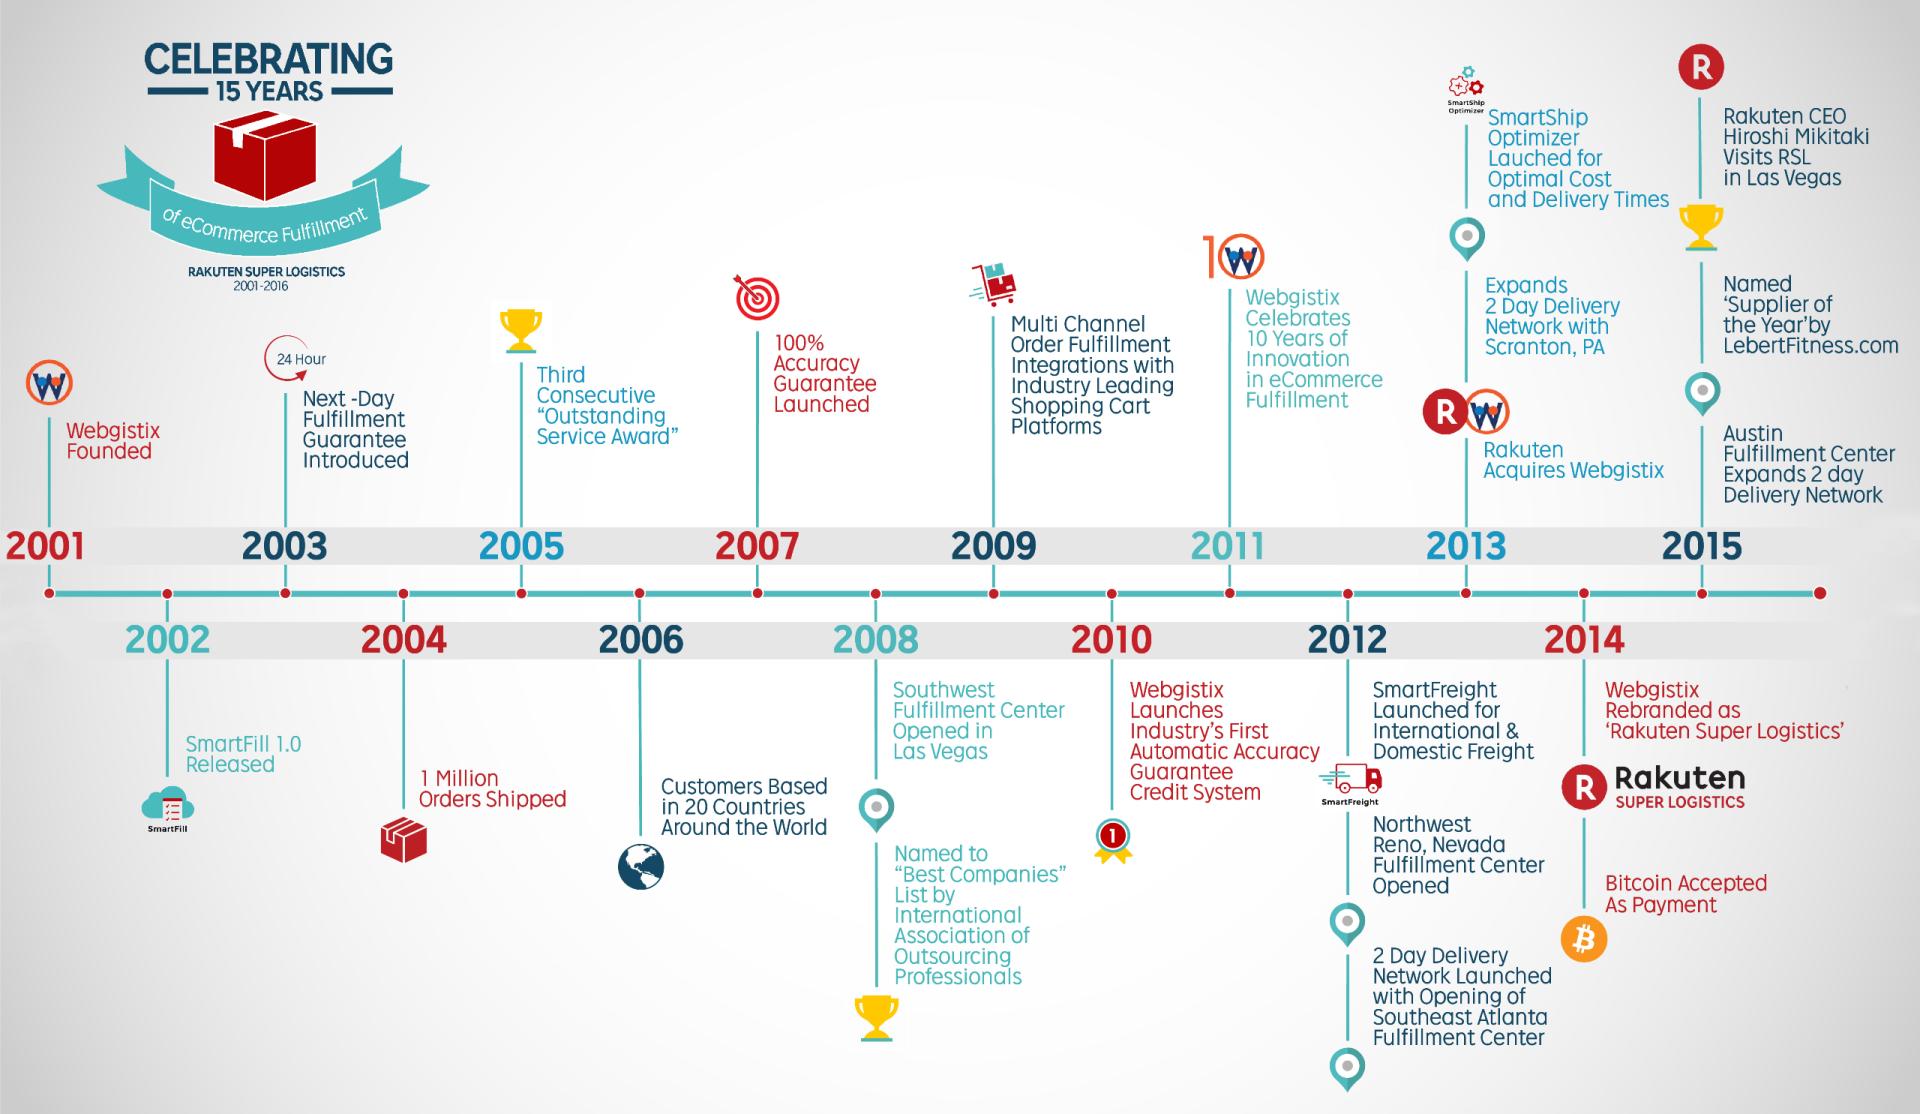 15 Years of Rakuten Super Logistics